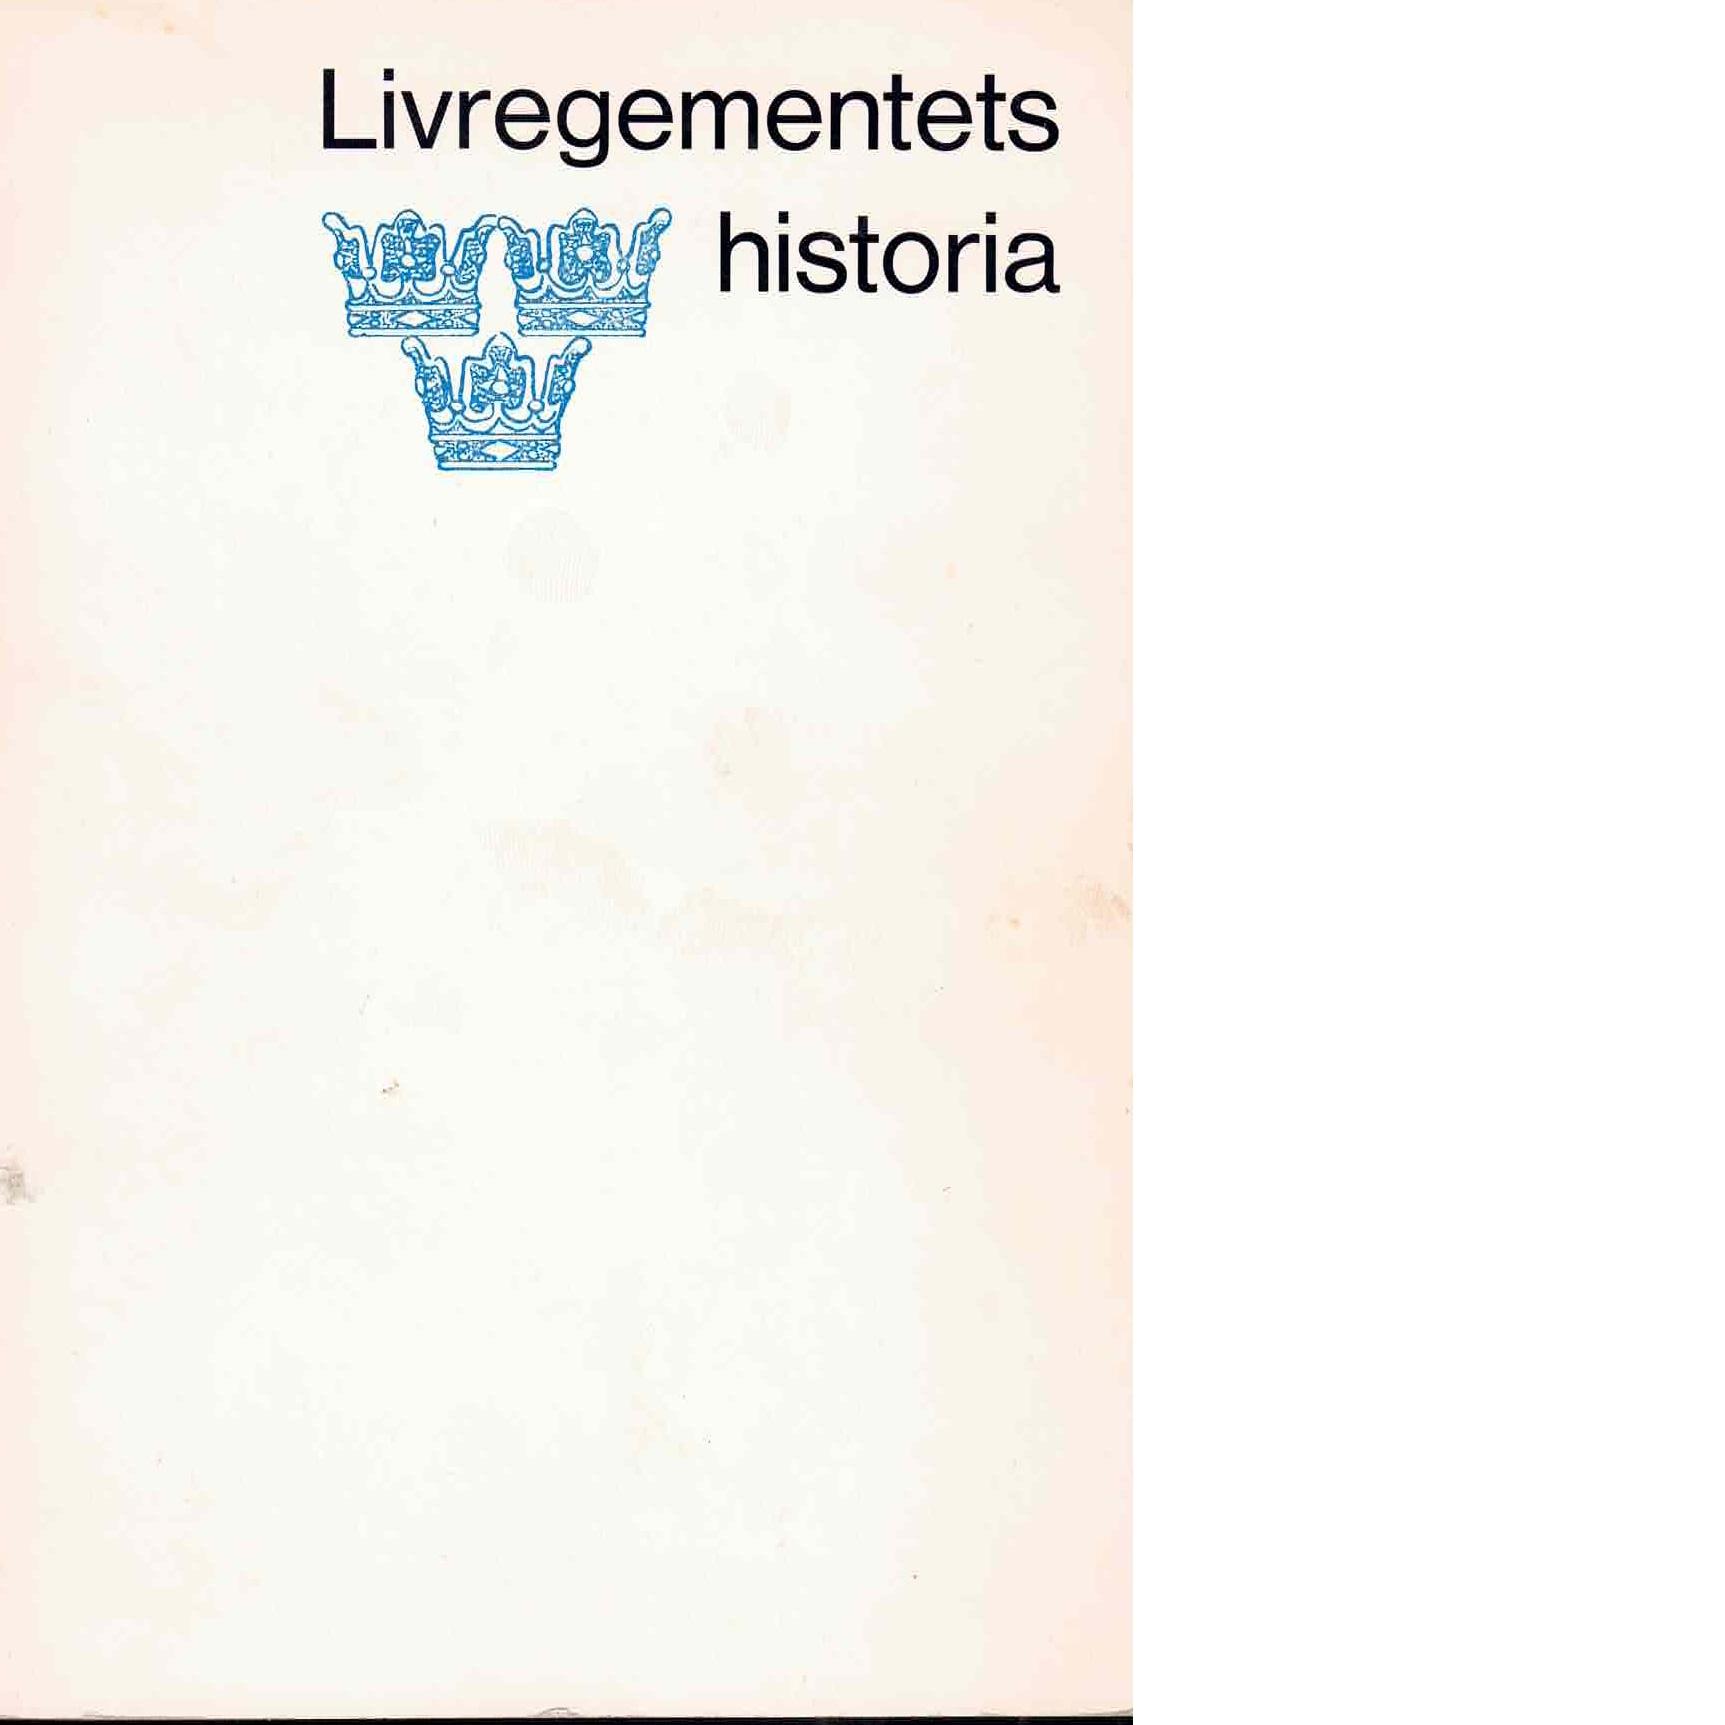 Livregementets historia - Byström, Åke Och Vogel, Alfred A. Samt Littorin, Sven